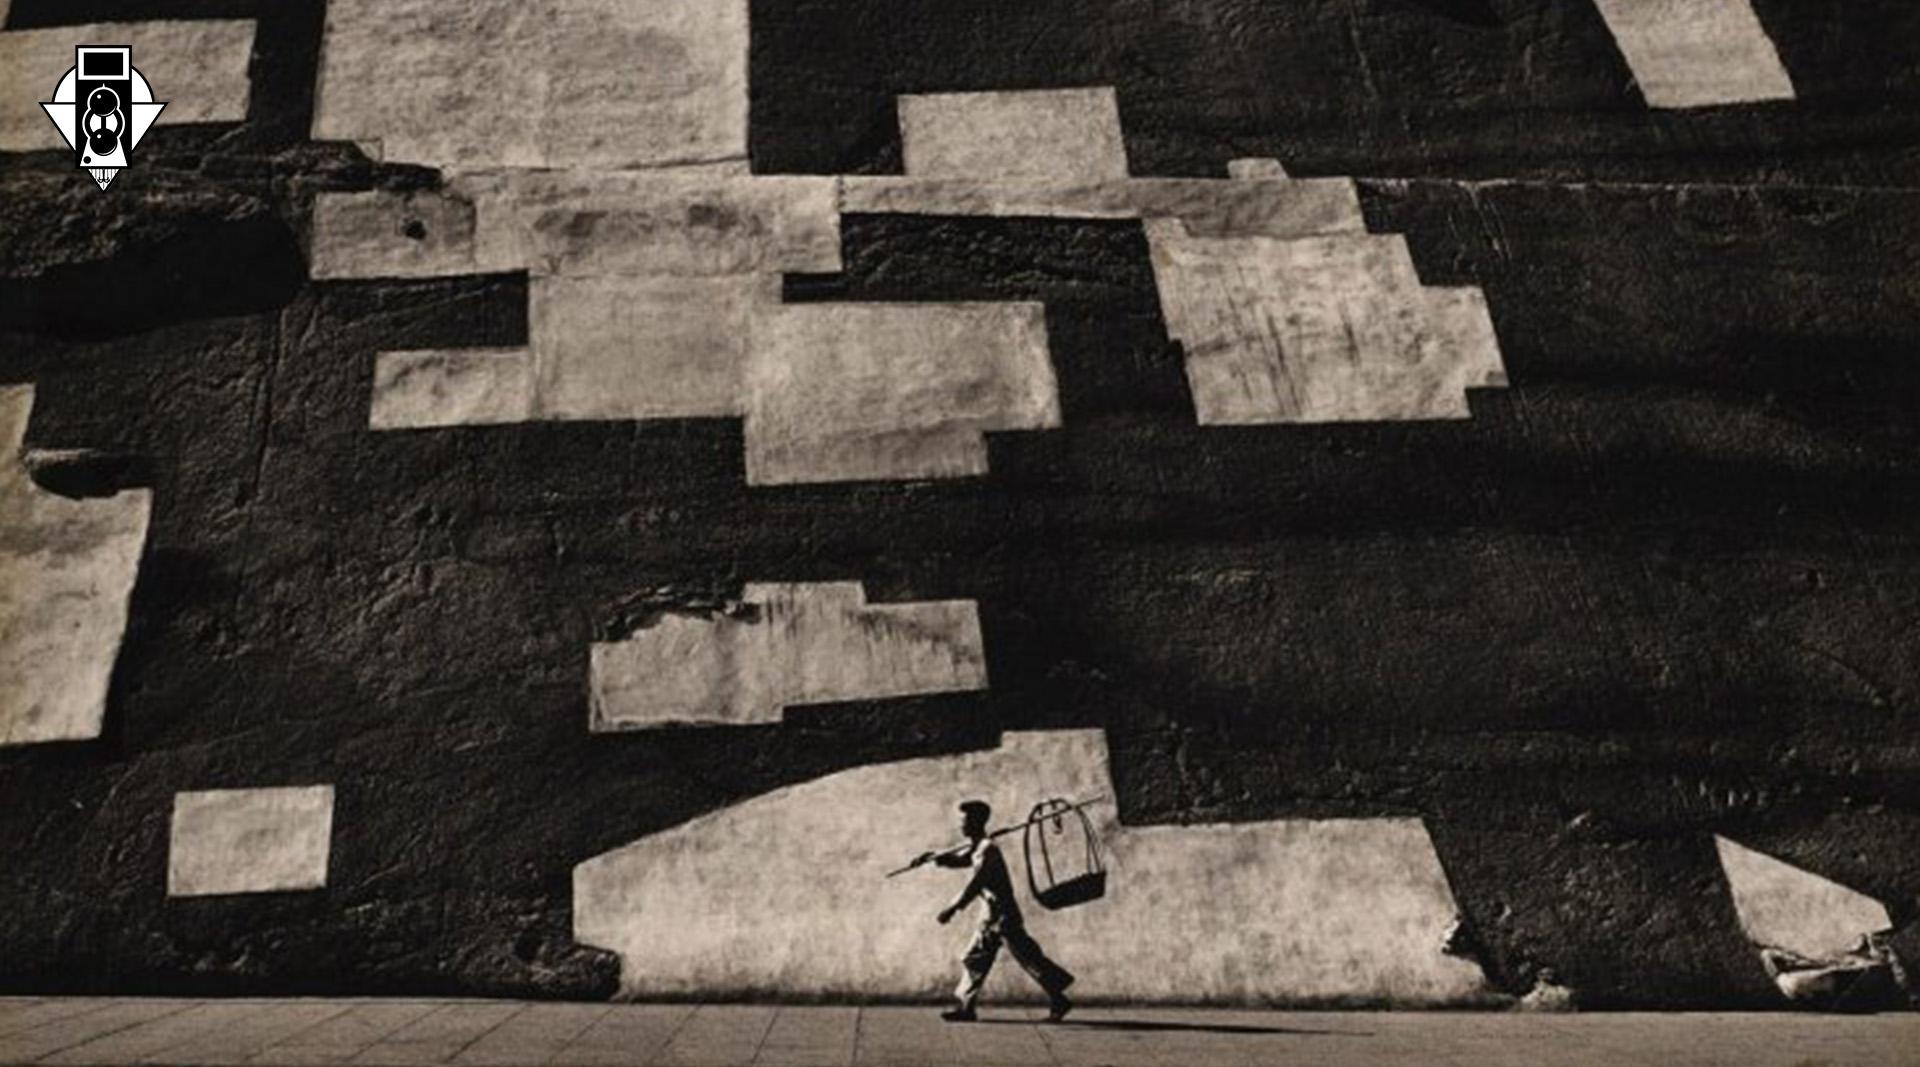 Уроки изобразительного искусства для фотографа. №9: Масштаб